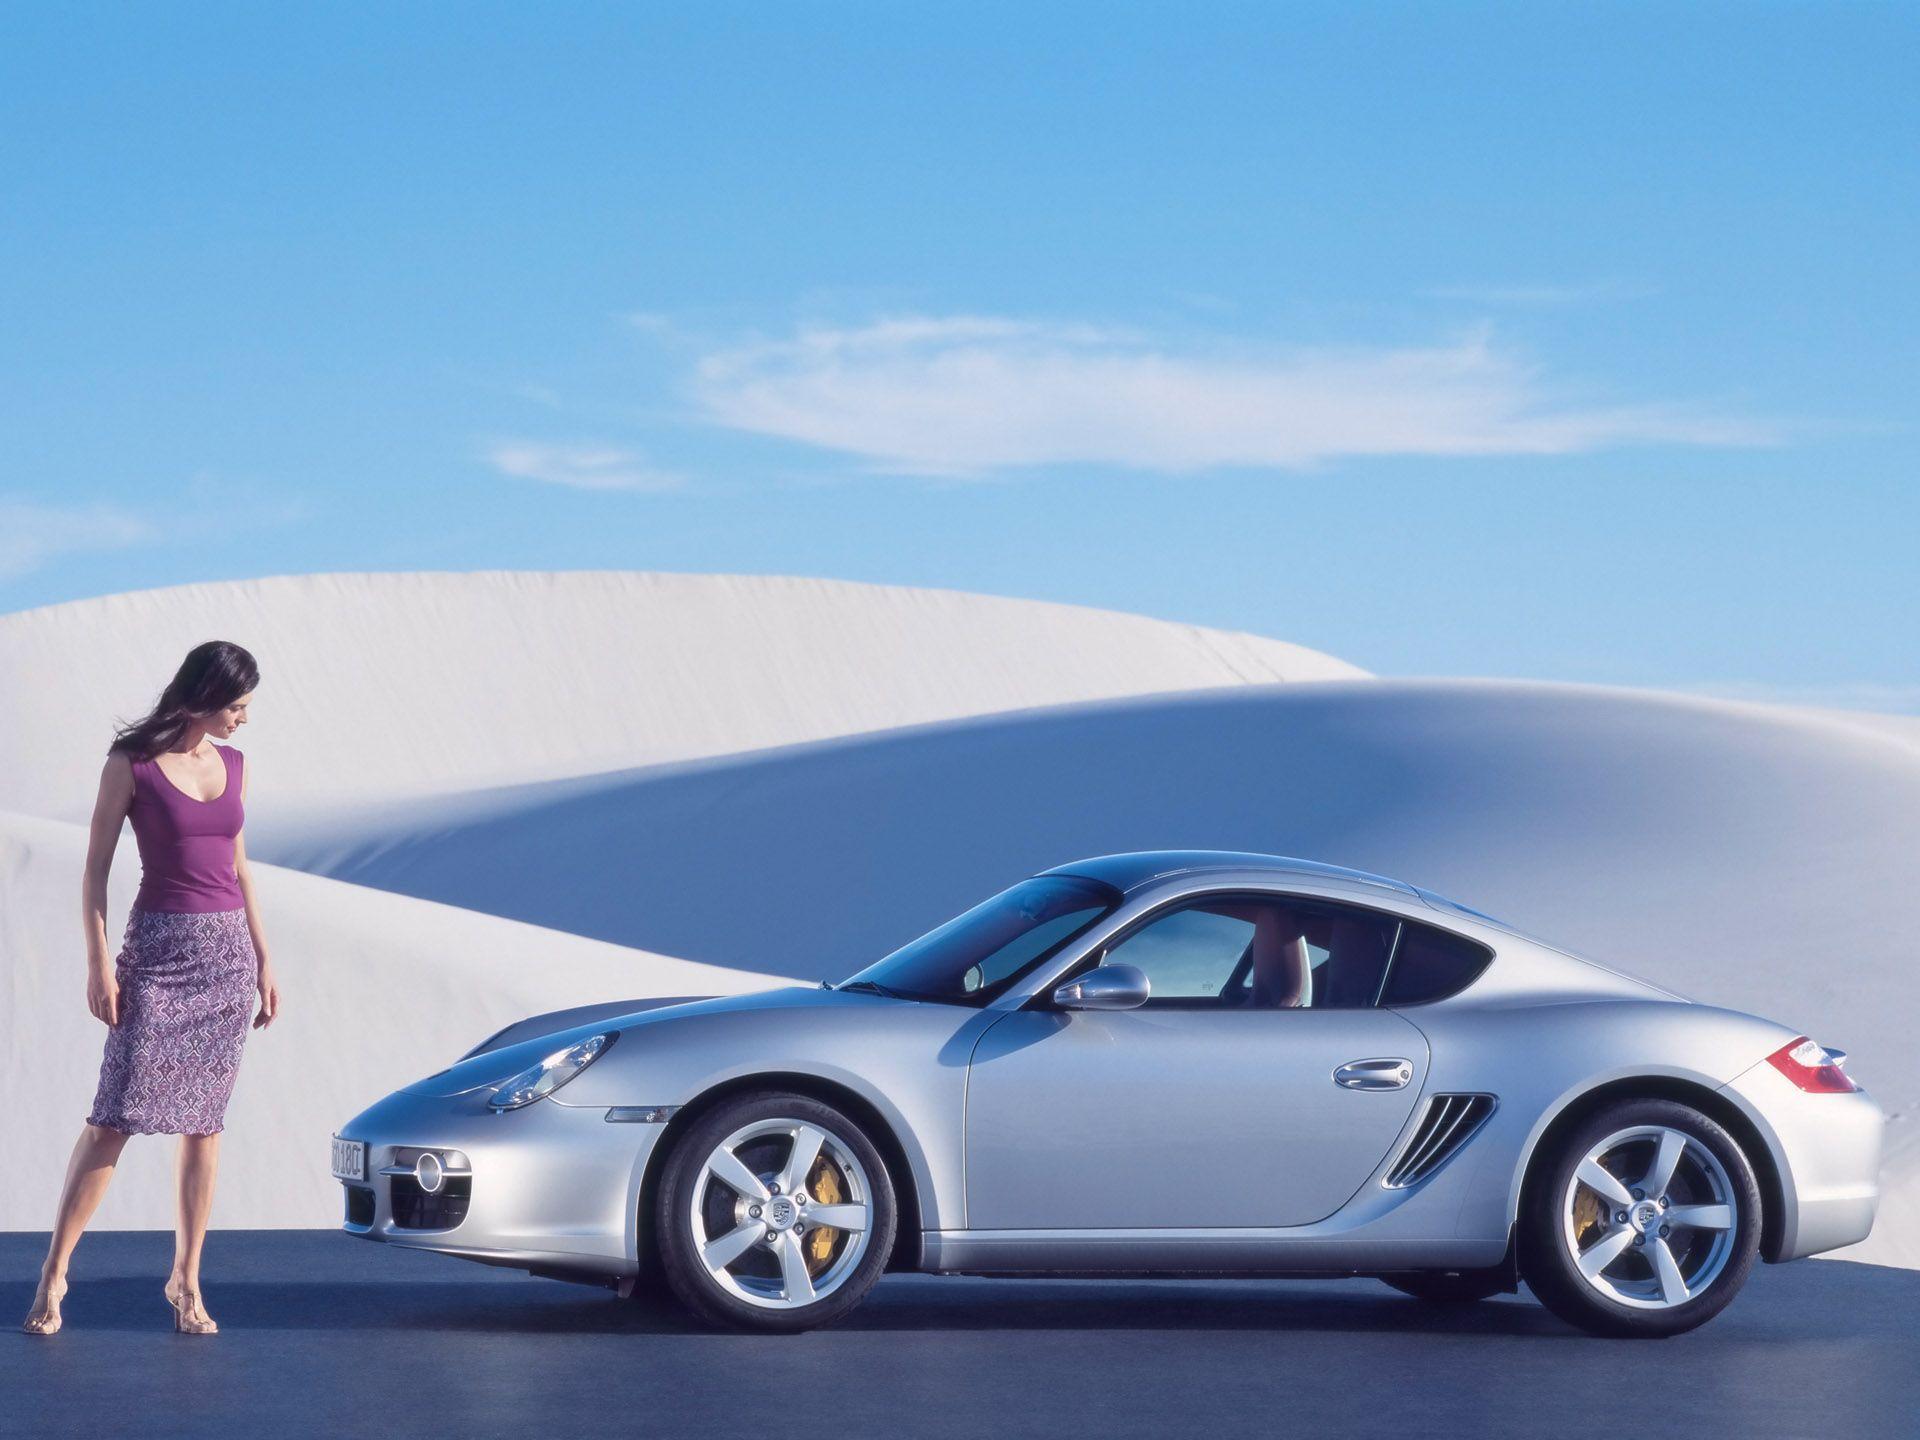 2006 Porsche Cayman S Very Nice Porsche Cayman S 2006 Porsche Cayman S Cayman S